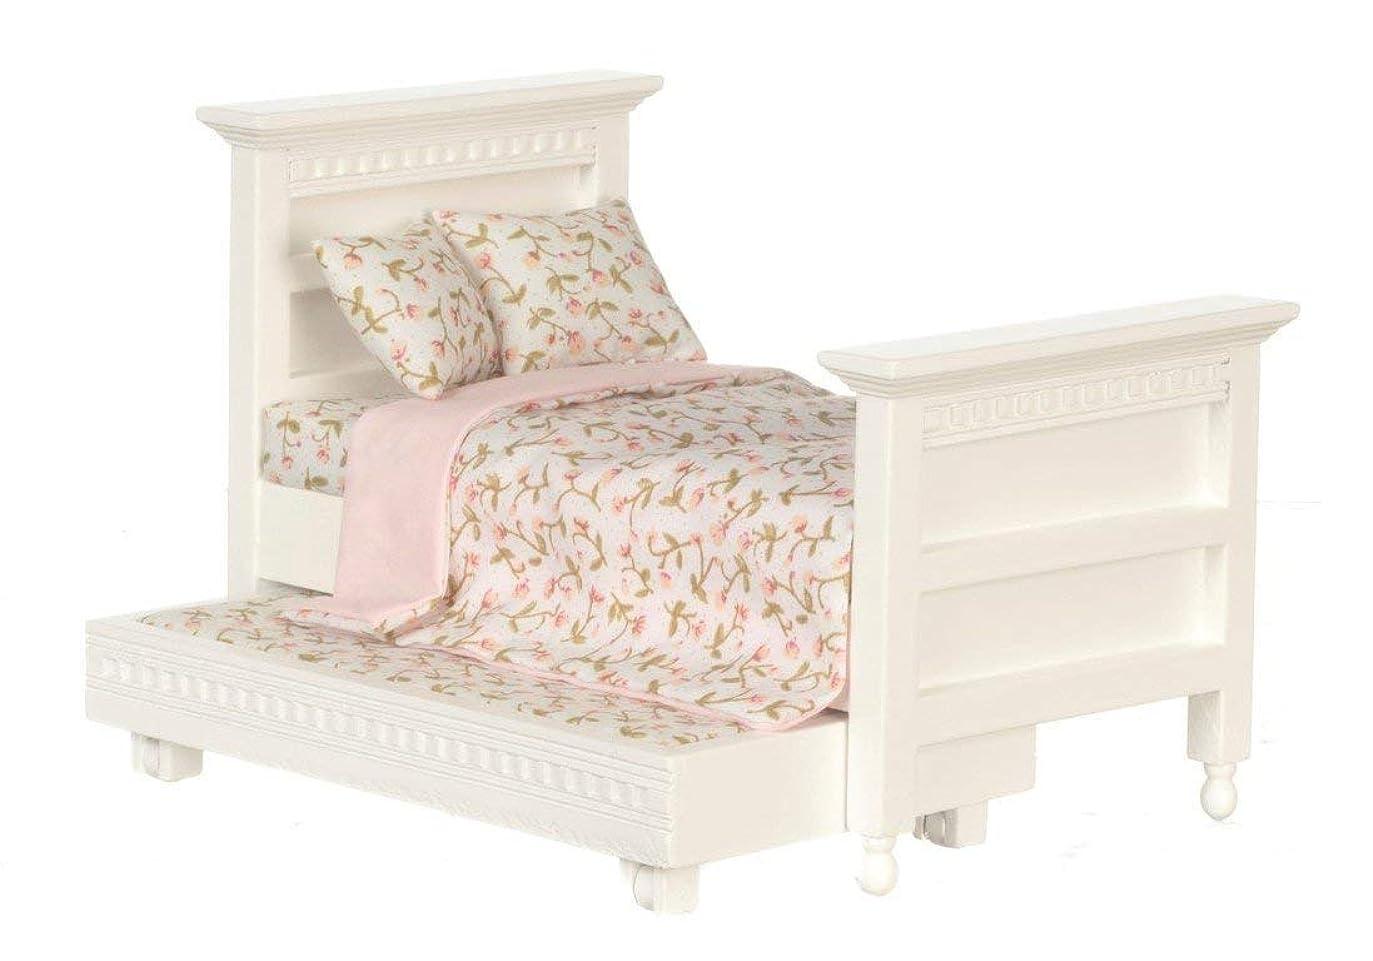 オペラ証言する単なるDolls House Miniature 1:12 Bedroom Furniture White Wood Single Trundle Guest Bed